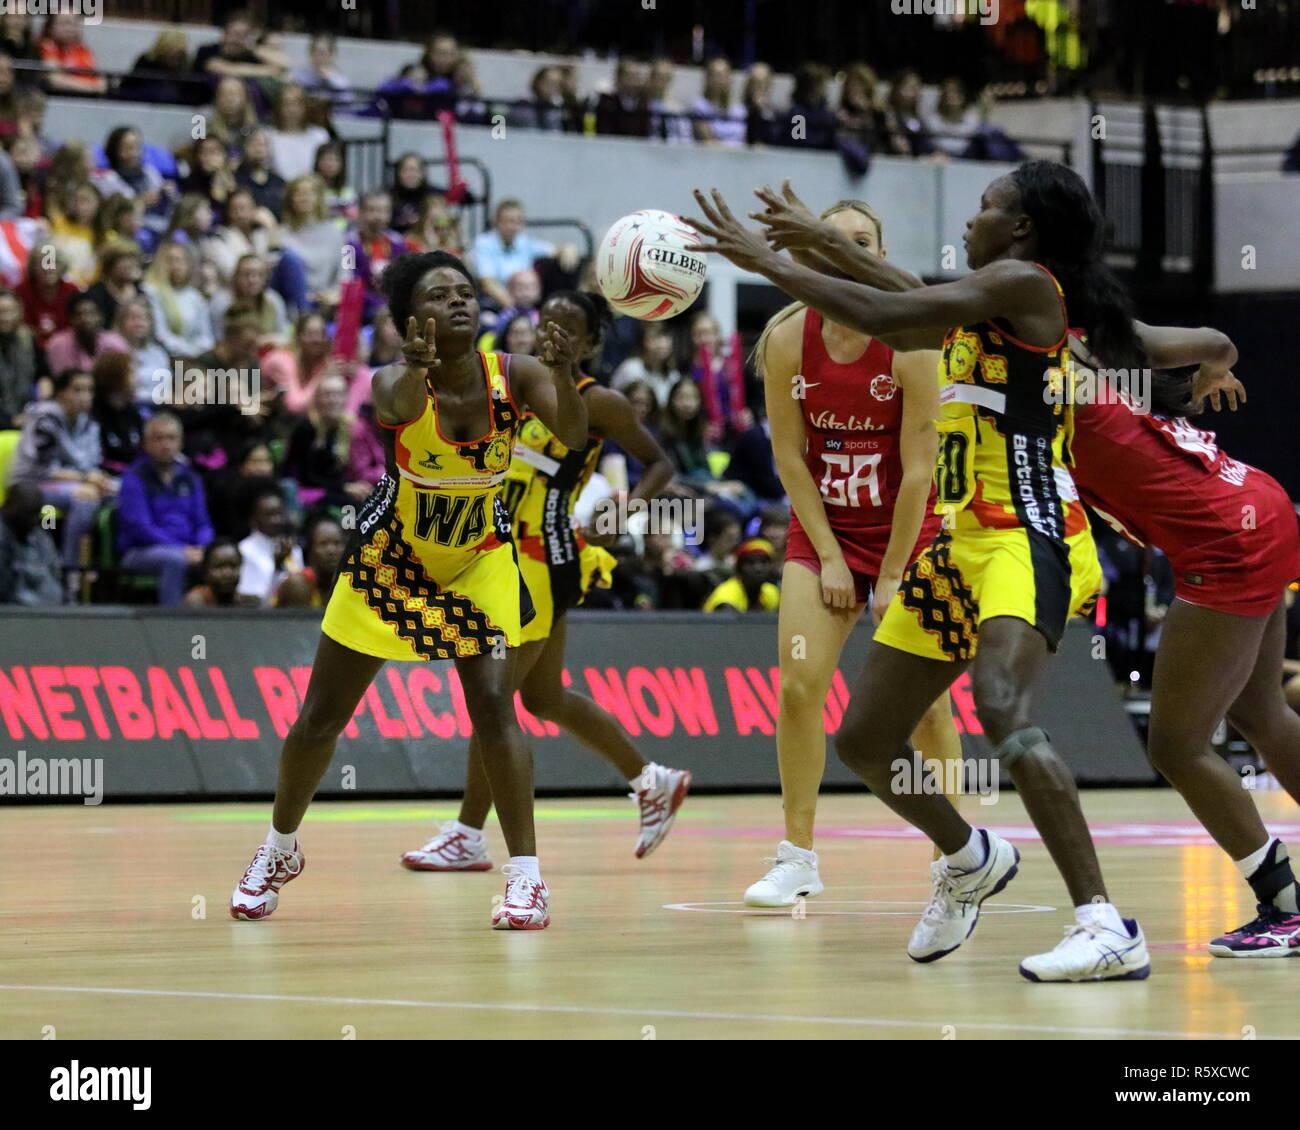 Londres, Royaume-Uni. 2 Décembre, 2018. La vitalité de la série International Netball match entre l'Angleterre et l'Ouganda à la boîte de cuivre Arena le 2 décembre 2018 à Londres, Angleterre, RU Credit: Grant Burton/Alamy Live News Photo Stock